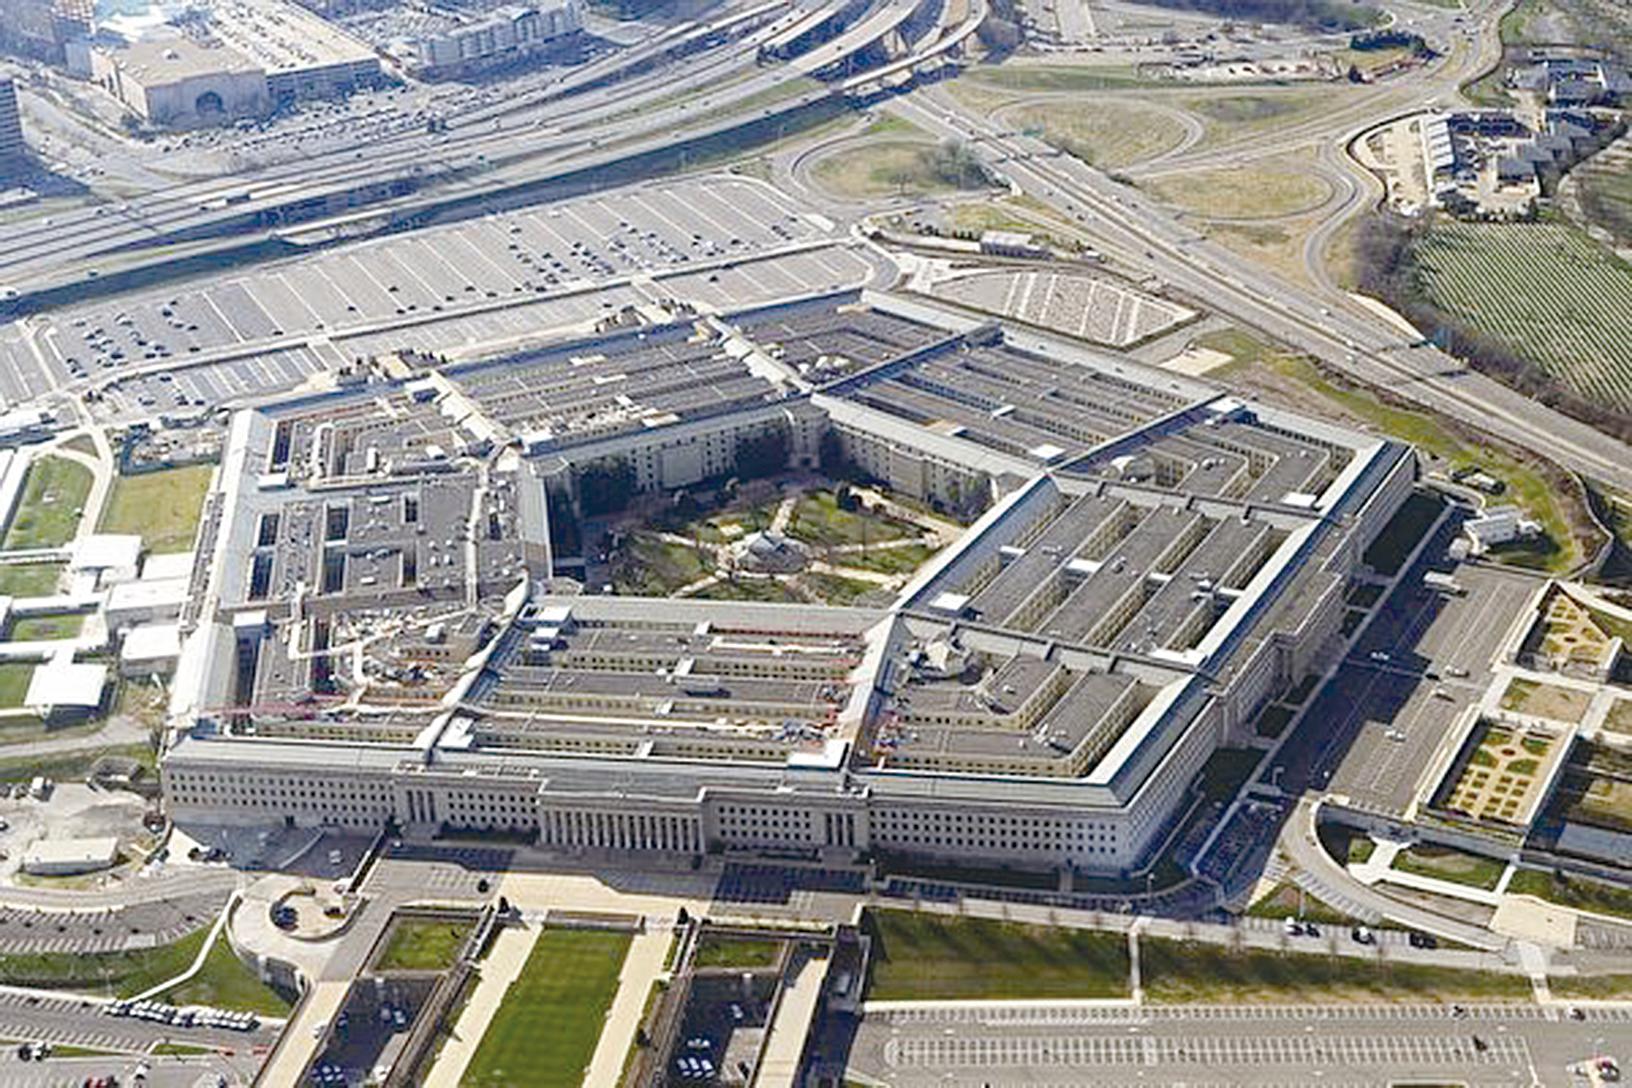 美國國防部已經把中共軍隊列為頭號對手,圖為美國國防部的總部五角大樓。(AFP via Getty Images)